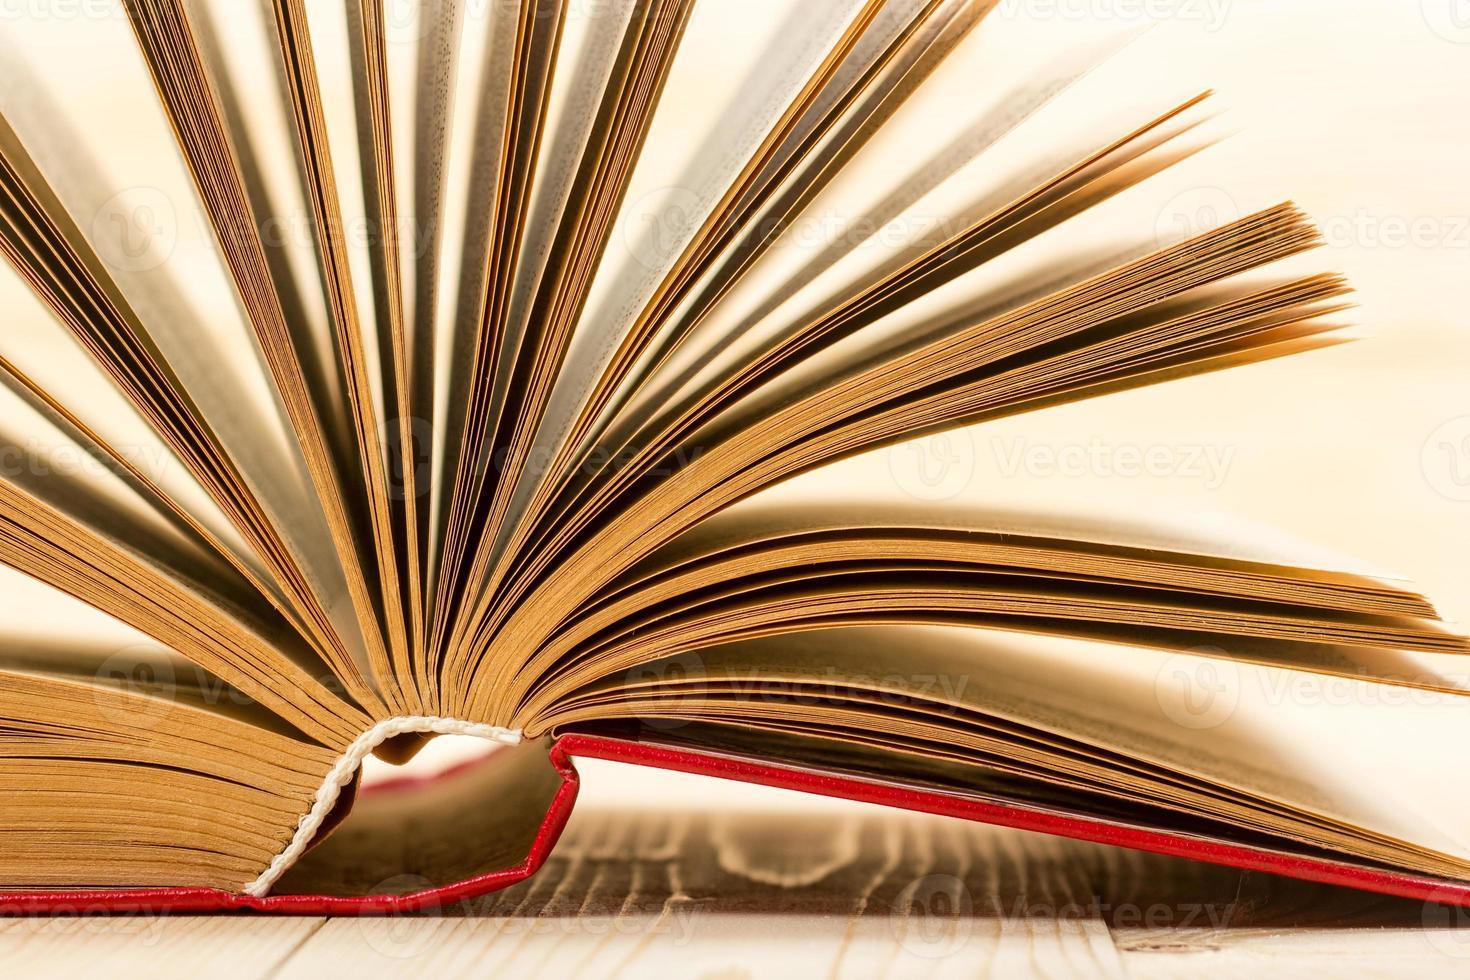 open boek op houten tafel. terug naar school. kopieer ruimte foto